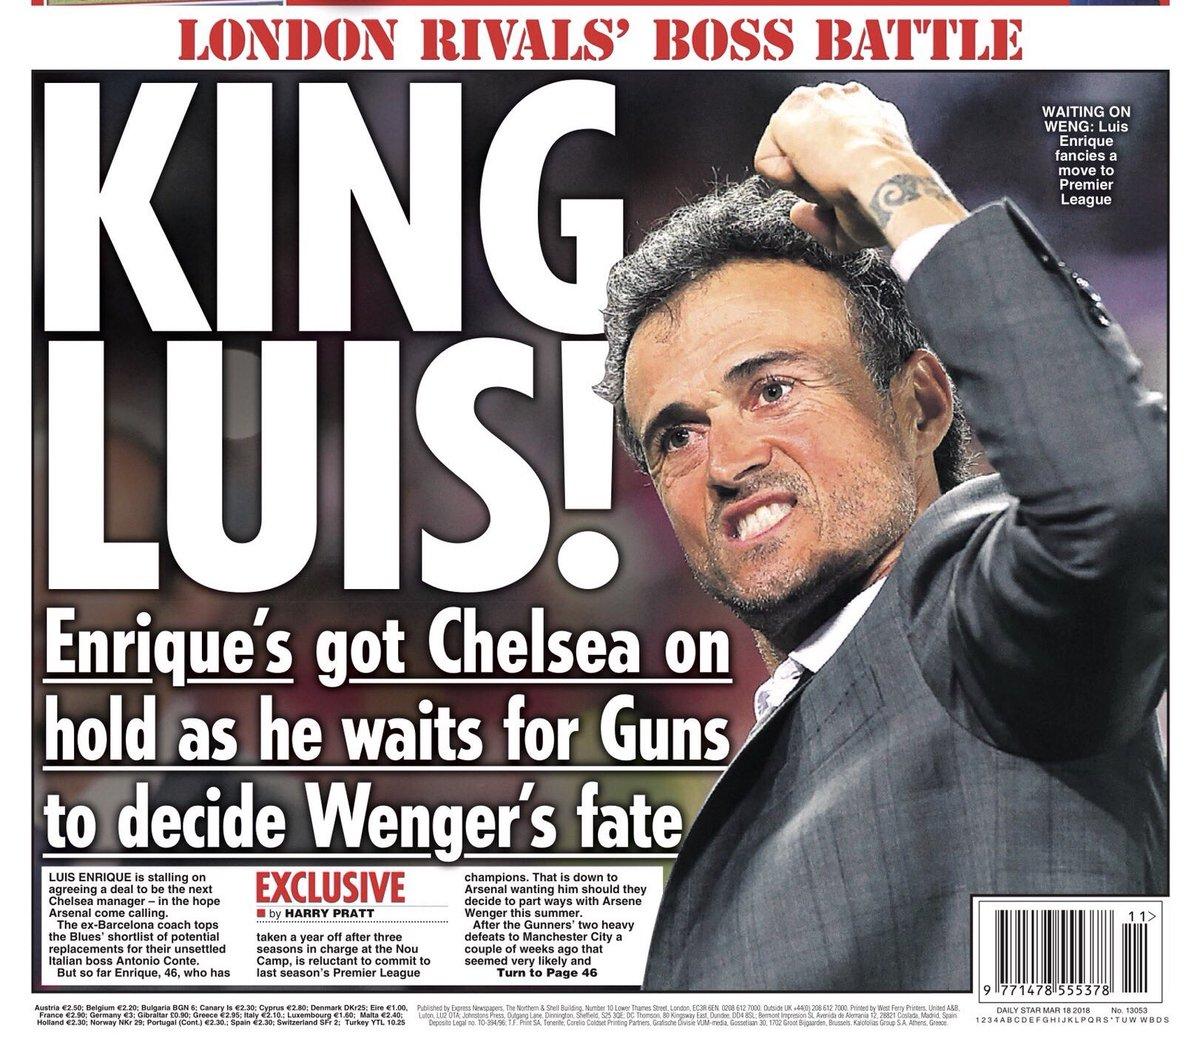 Luis Enrique oo dhabar jabinaya Chelsea si uu ugu biiro koox kale oo ingiriis ah